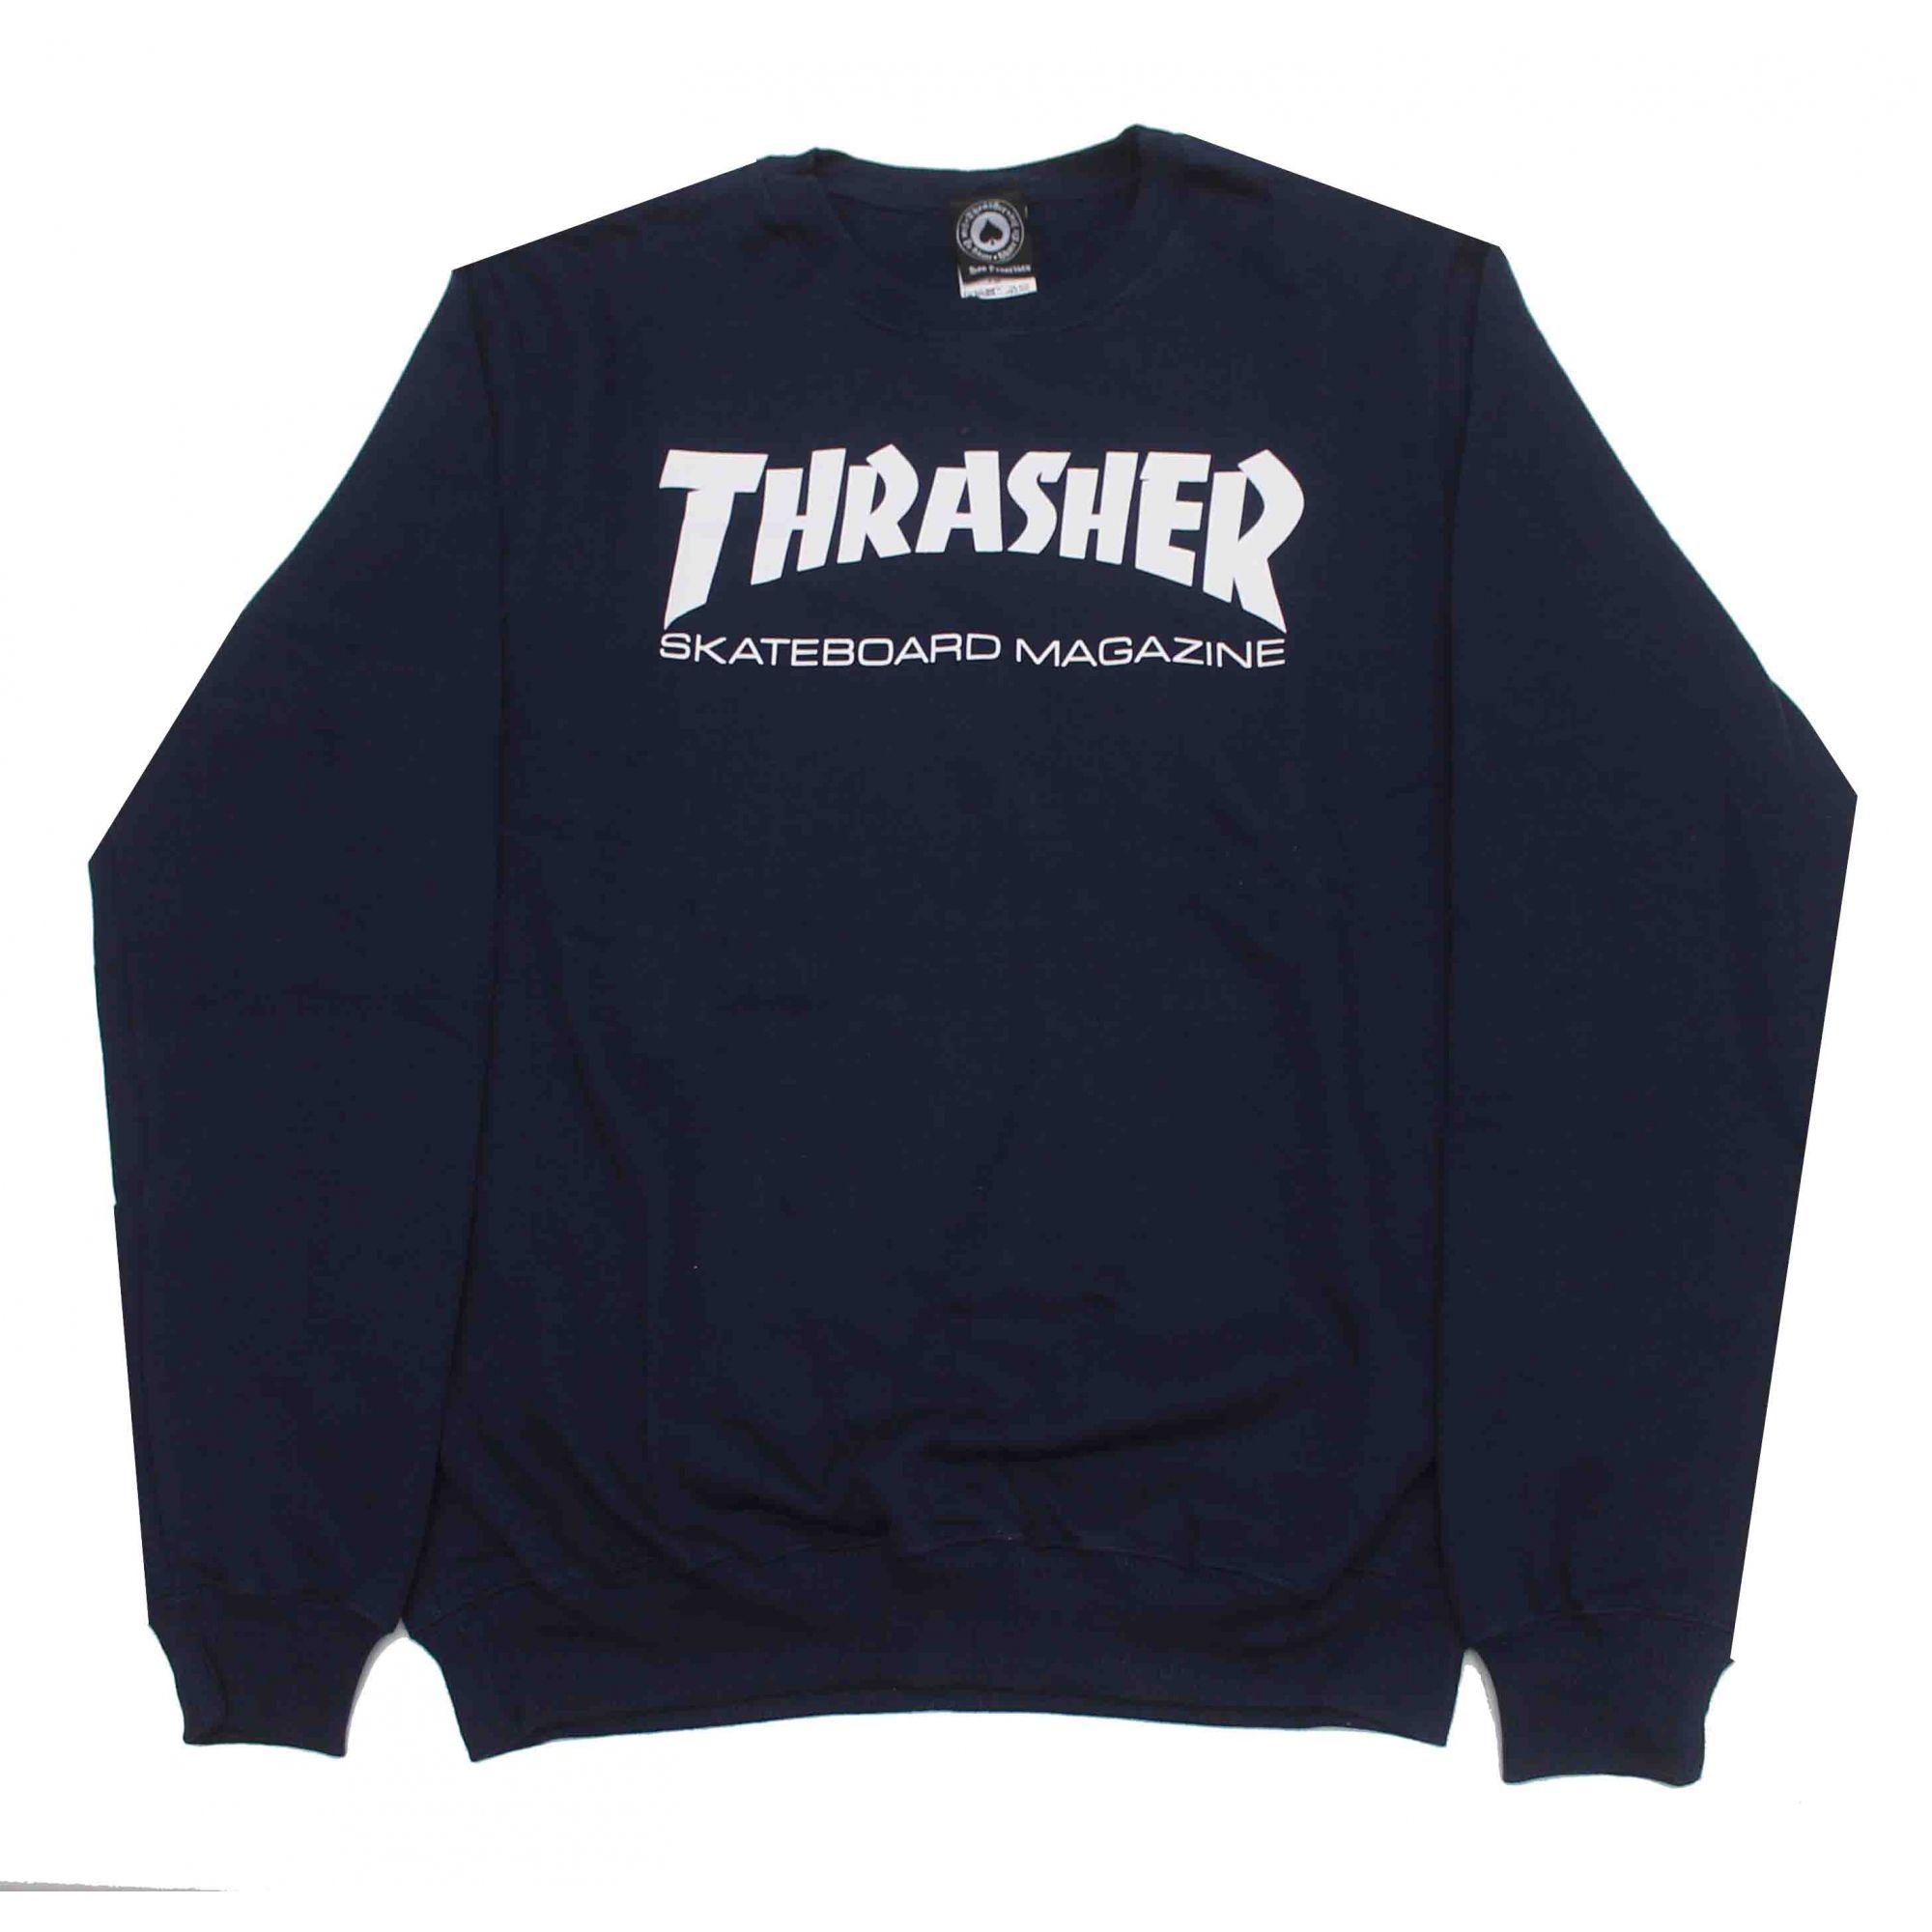 Moletom Thrasher Magazine Skate Mag Crewneck Blue Navy